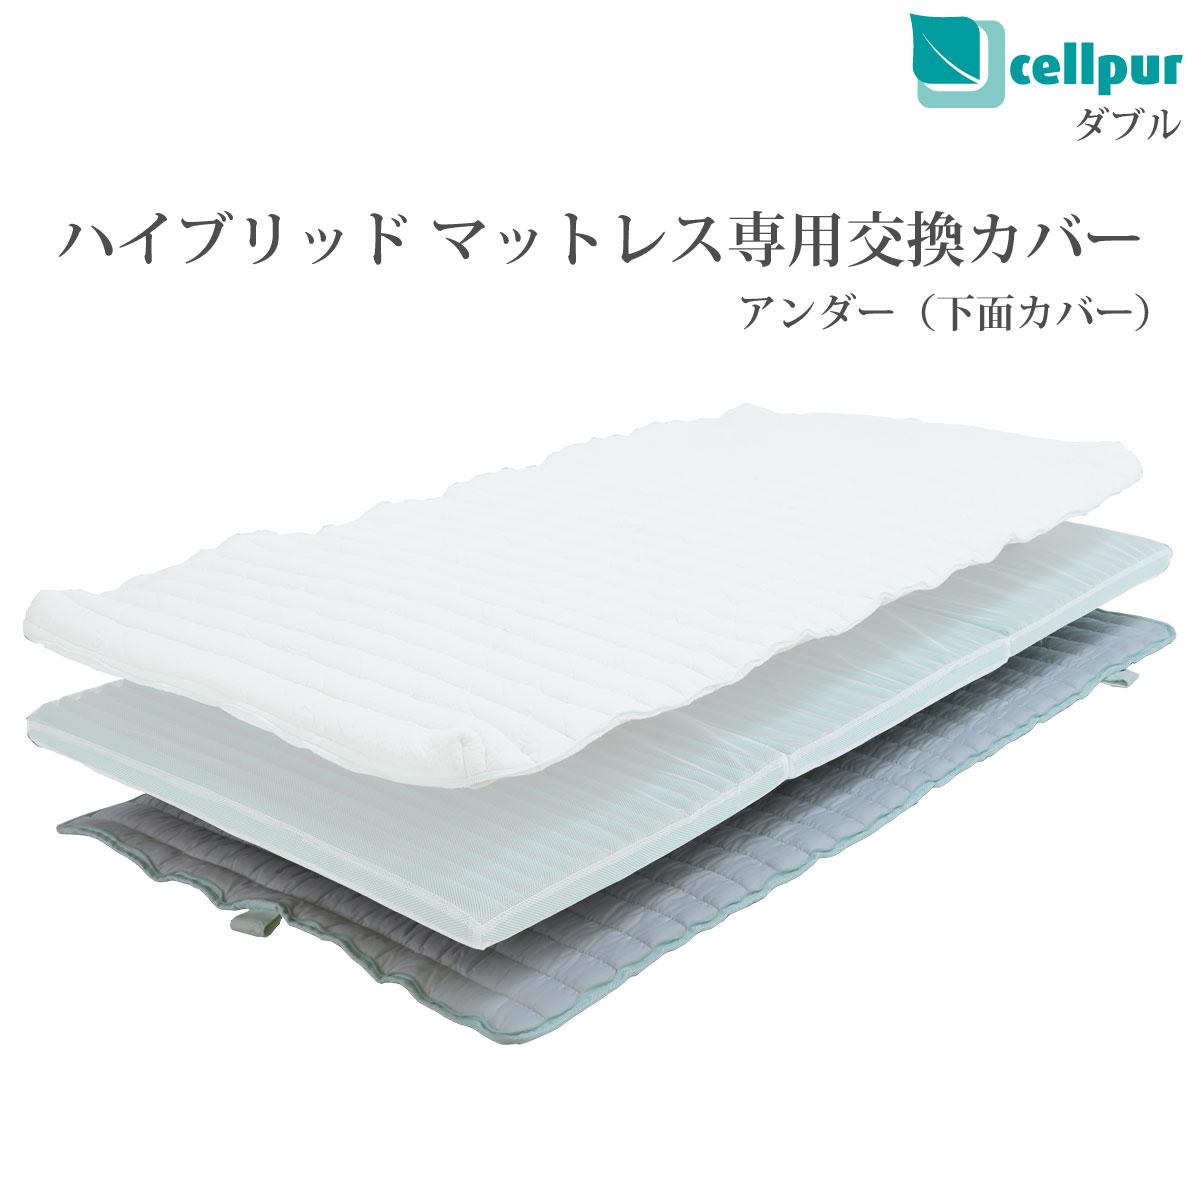 【送料無料】セルプール (cellpur) ハイブリッドマットレス専用 交換下面カバー アンダー側地 ダブル